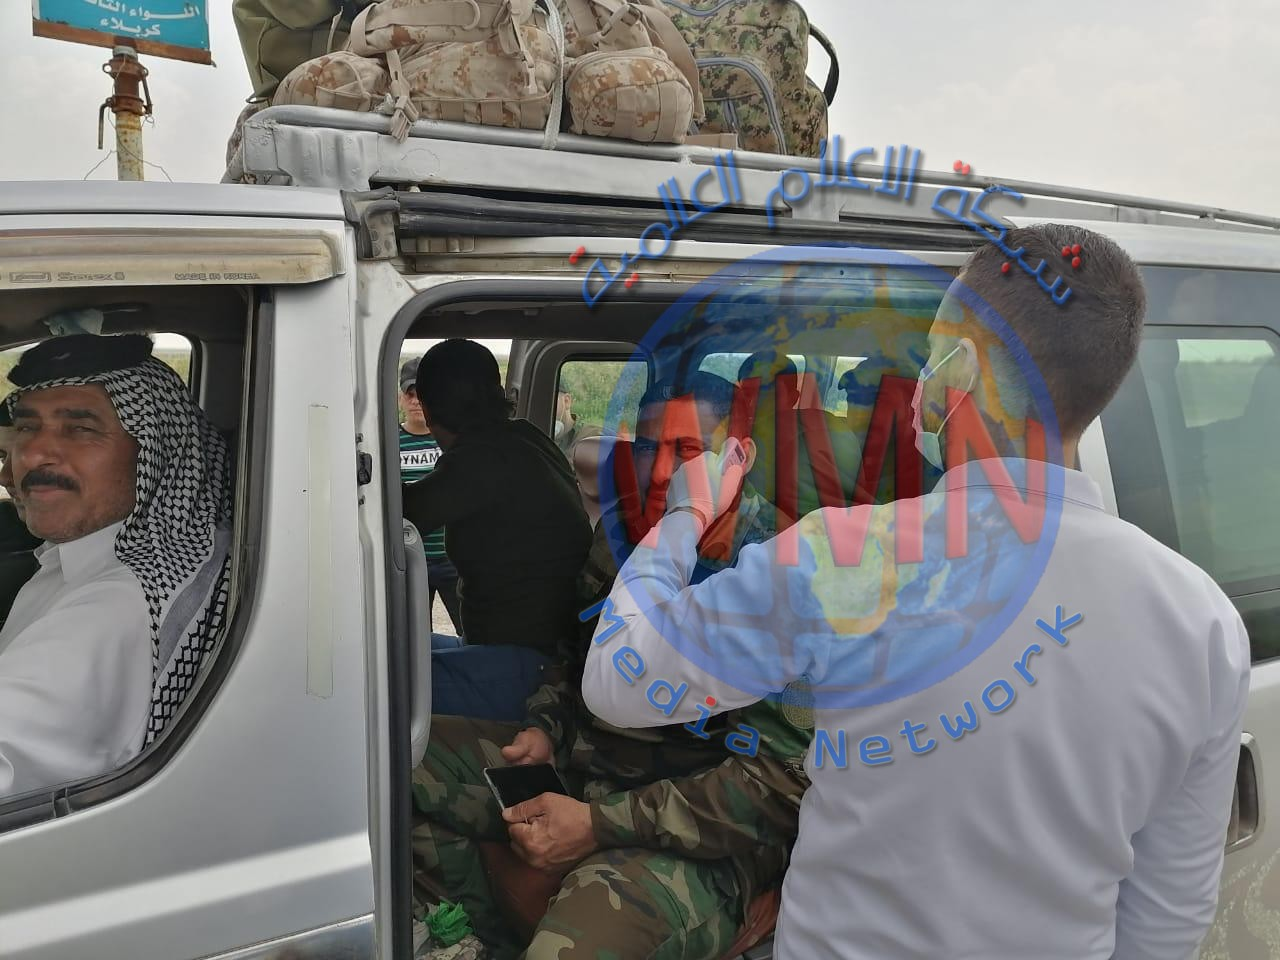 اللواء التاسع في الحشد يشارك الفرق الصحية في صلاح الدين حملات للوقاية من كورونا